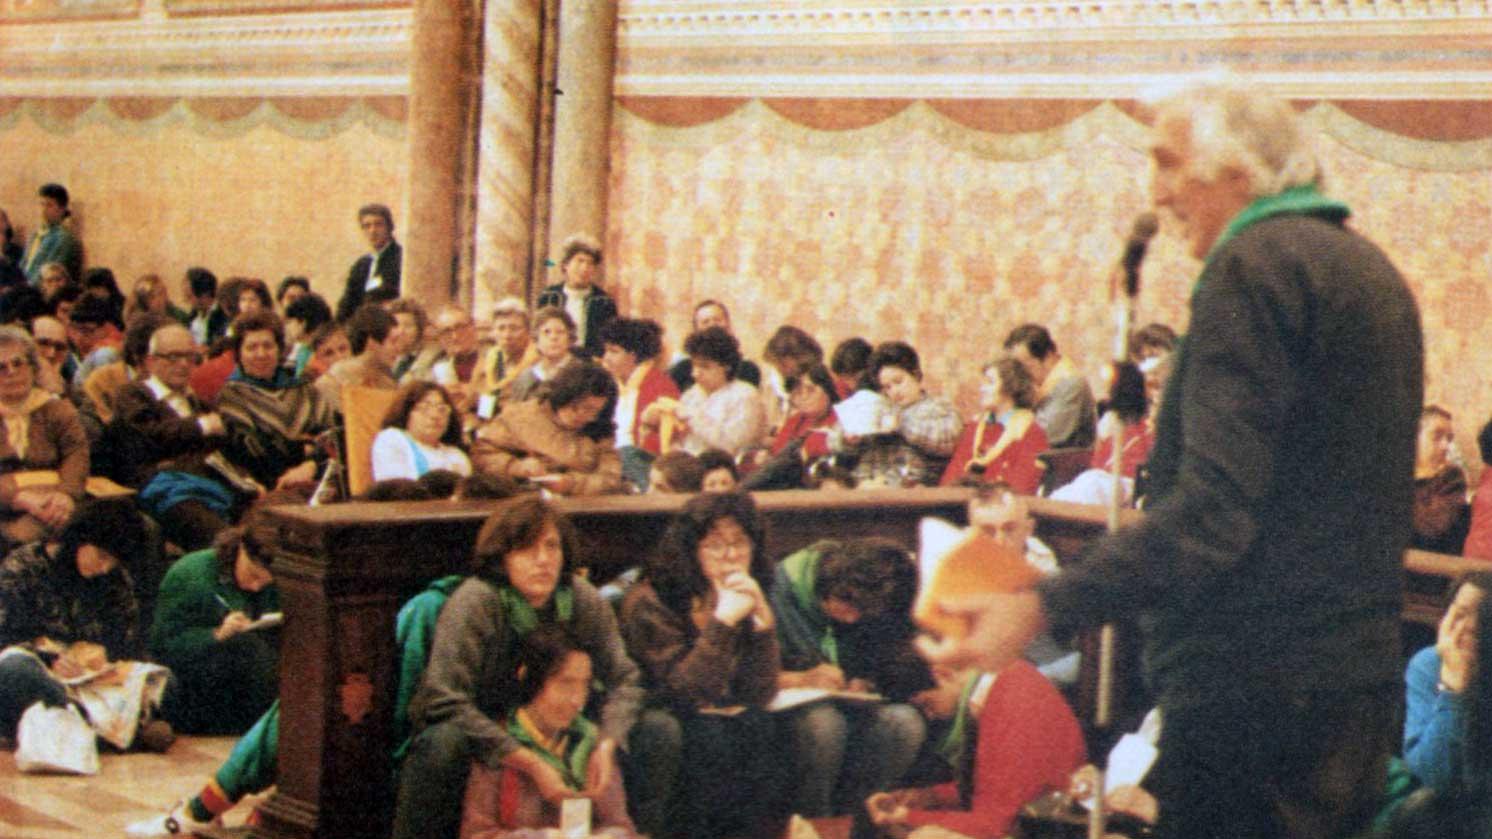 008 - Le foto del pellegrinaggio di Assisi 1986 - Ombre e Luci n.14, 1986